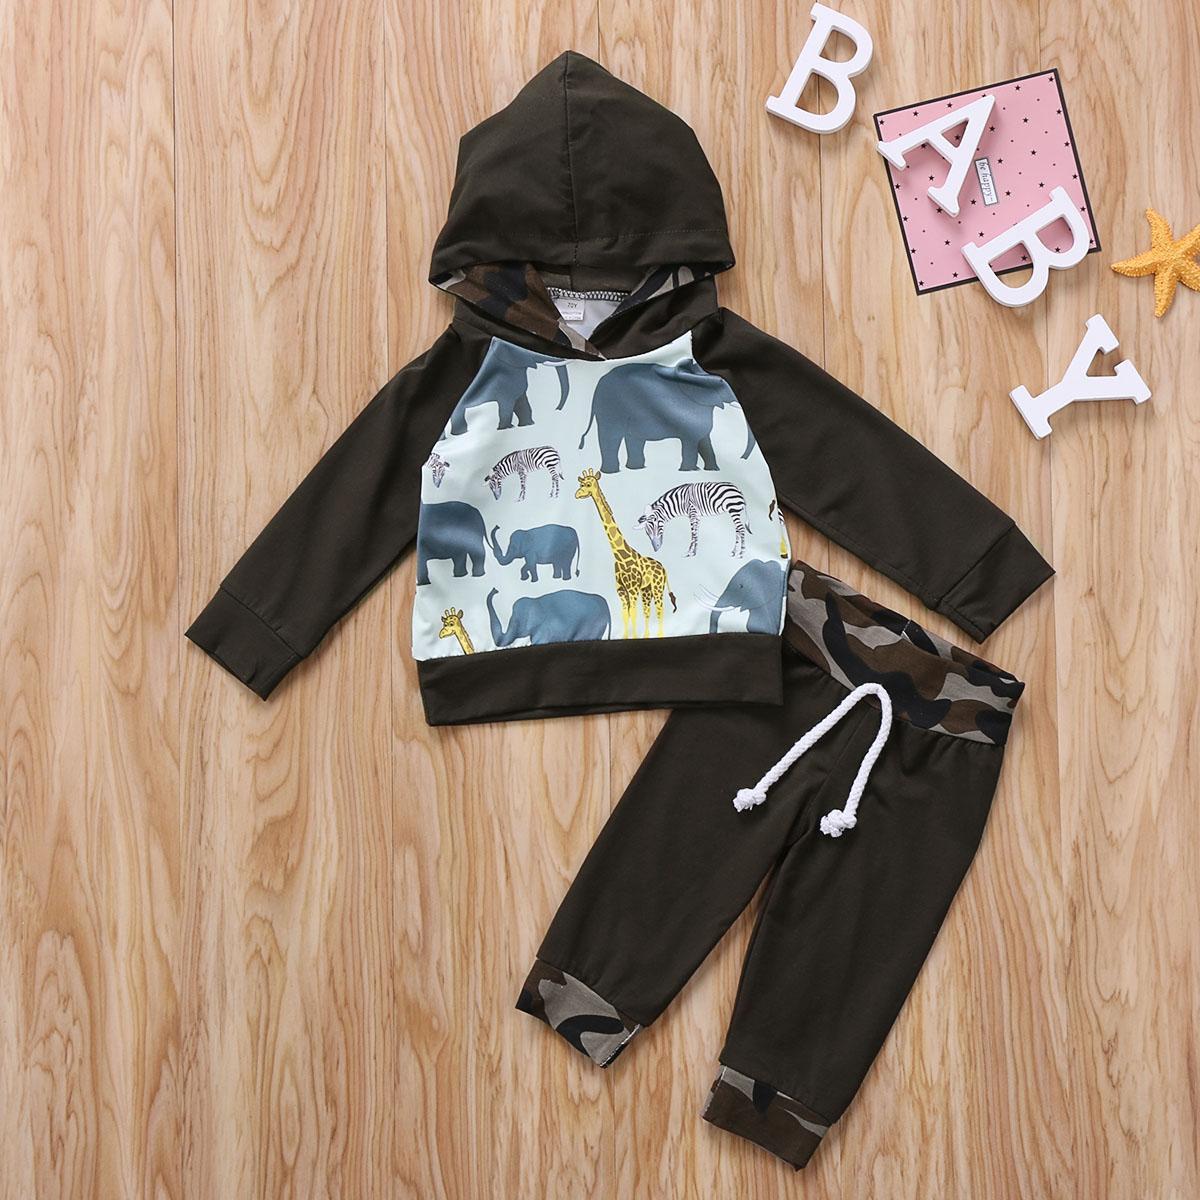 Animales de la historieta del niño del bebé niño ropa de los muchachos con capucha de manga larga camiseta de las tapas pantalones de camuflaje Trajes